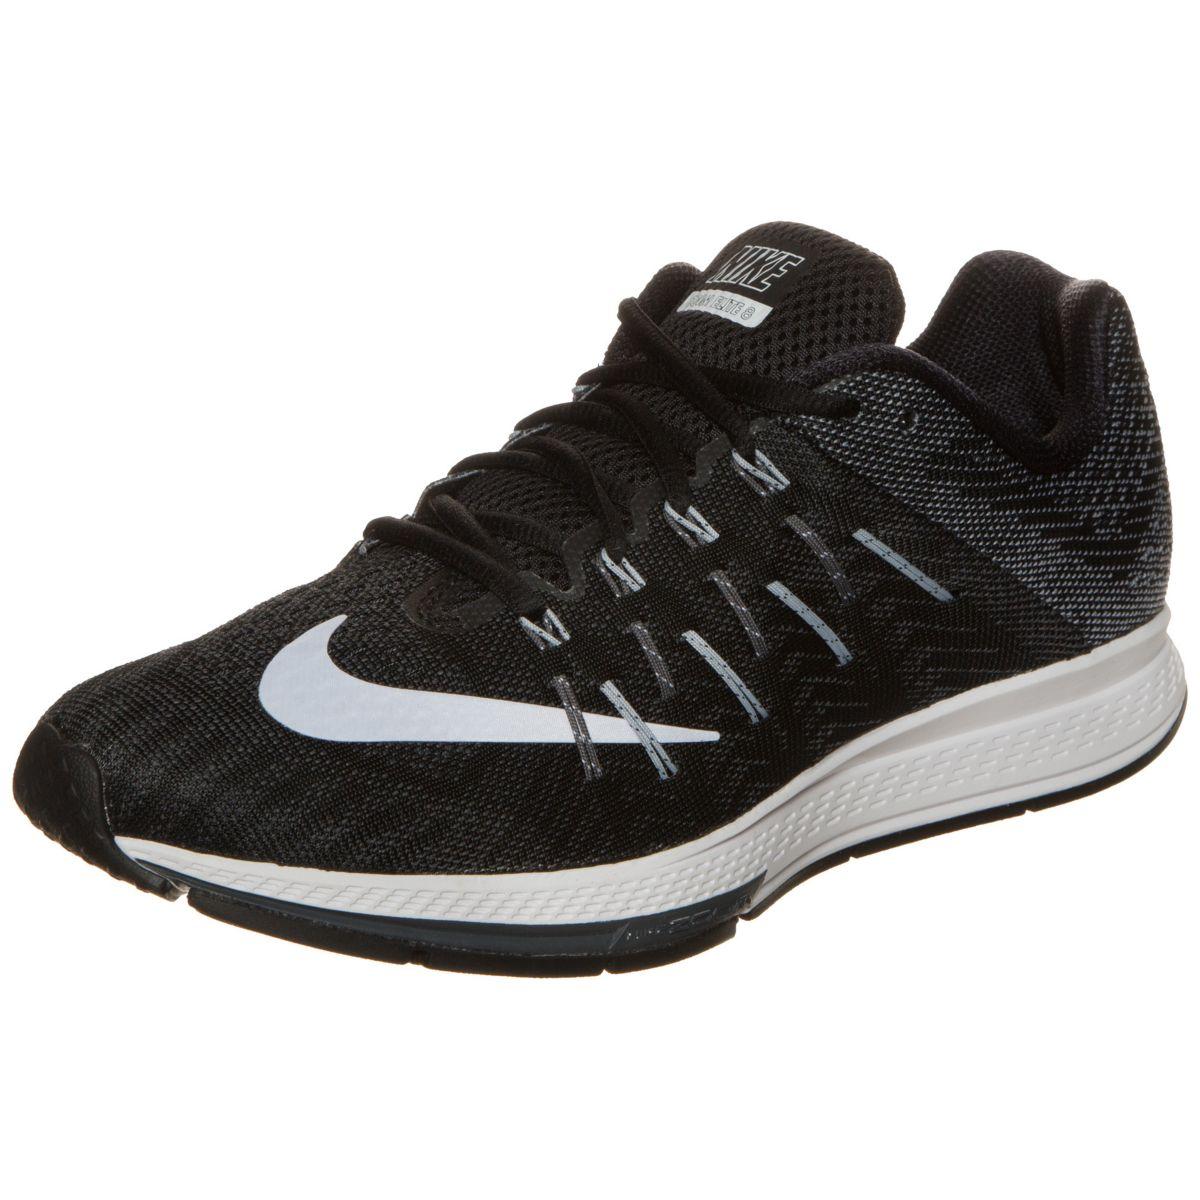 3c05e6d9f1ac6d Nike Air Zoom Elite 8 Laufschuh Herren